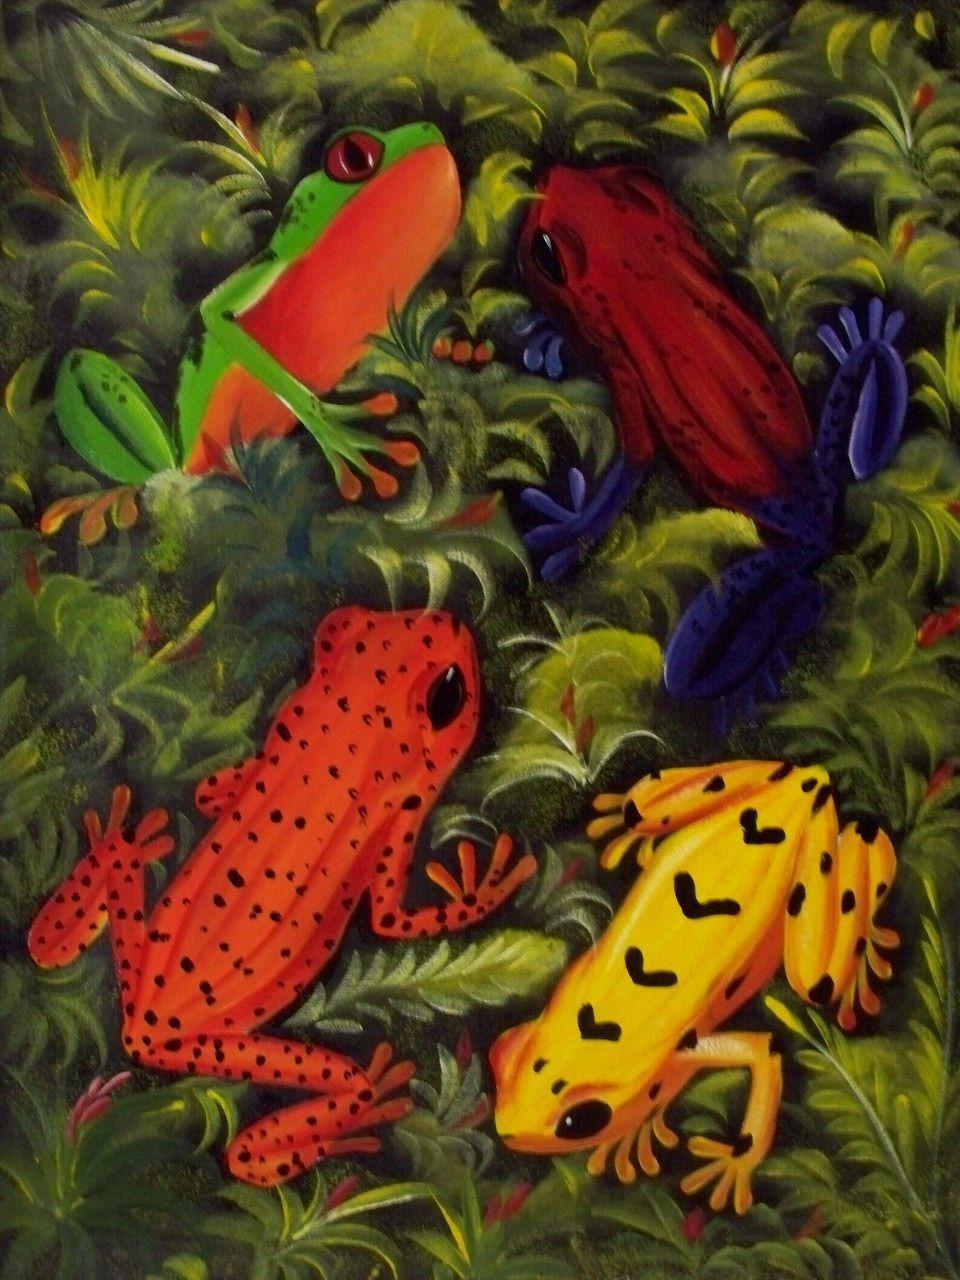 rainforest animal painting frog golden poison dart flower panama